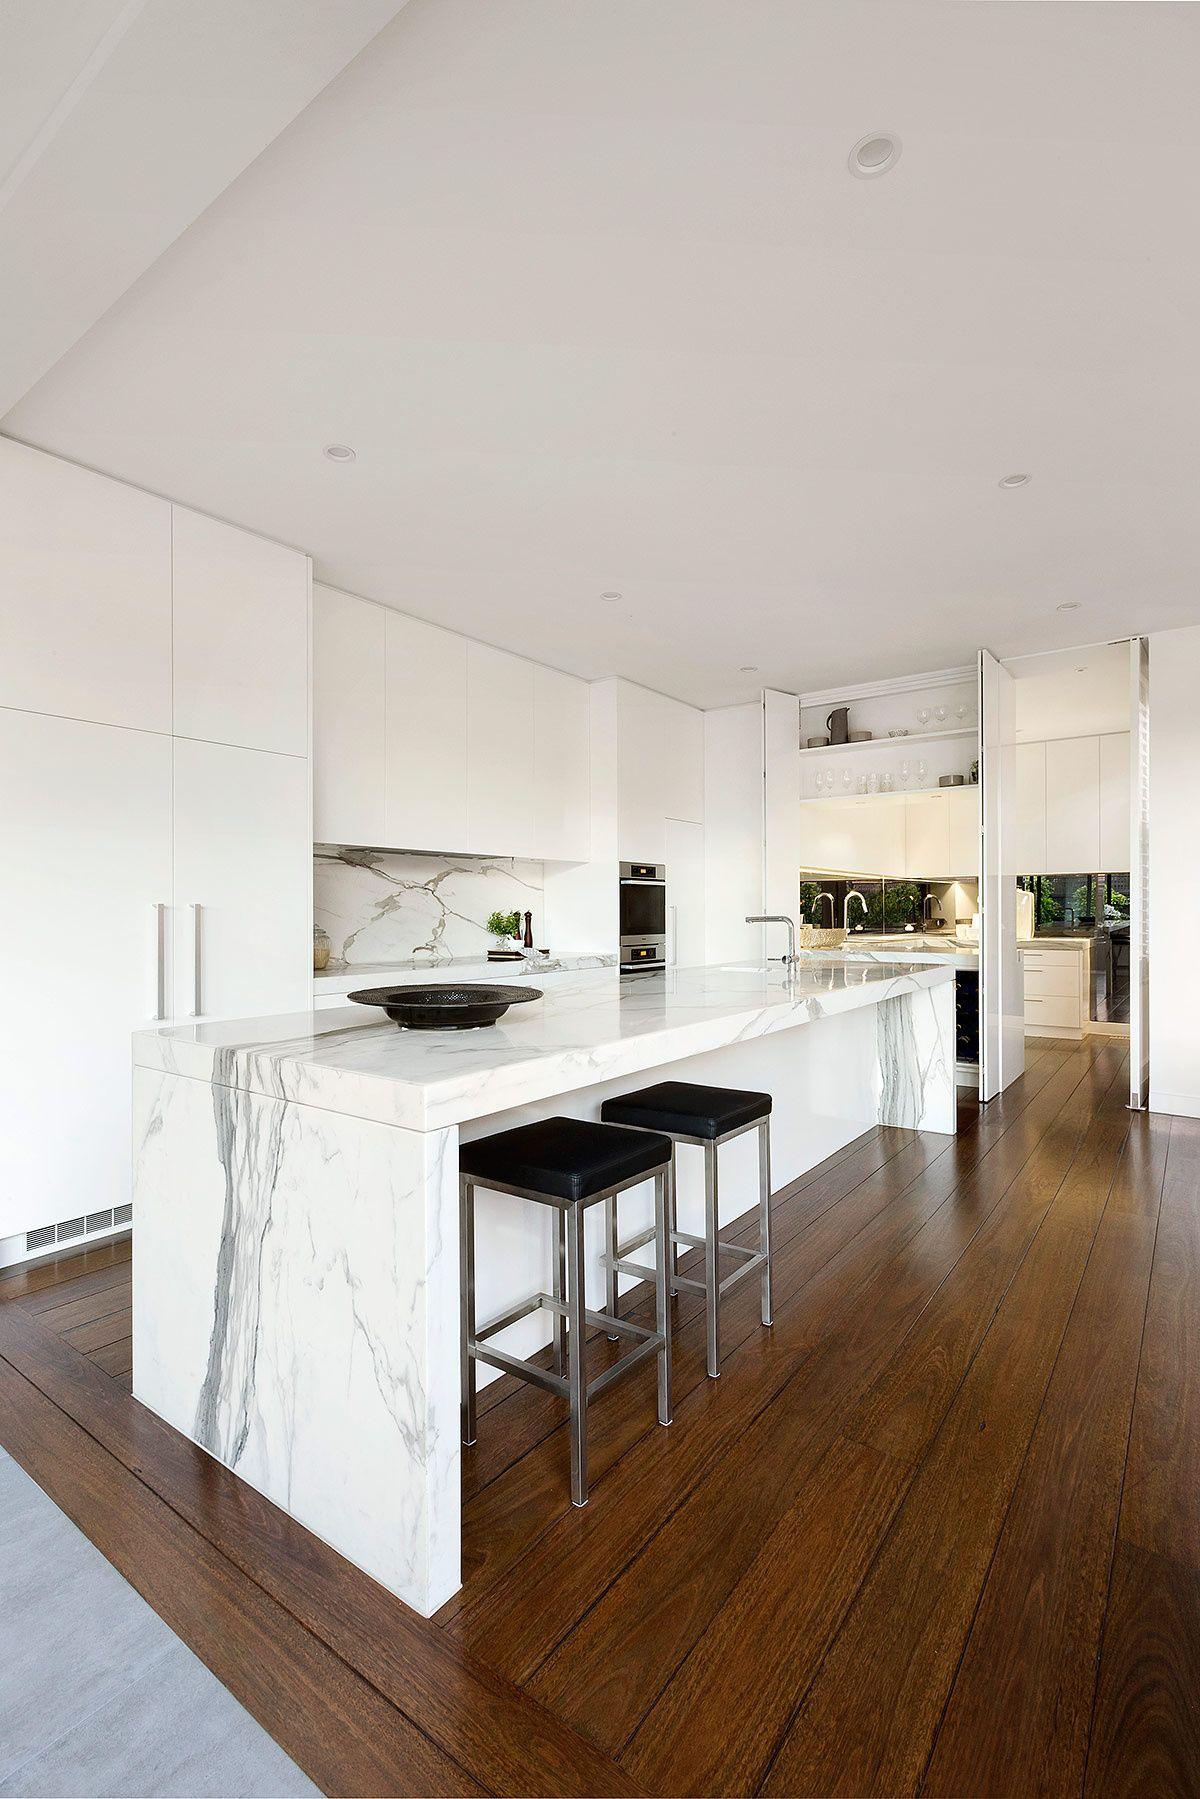 Casa en australia por lsa architects cocinas cocinas for Estudiar decoracion de interiores a distancia